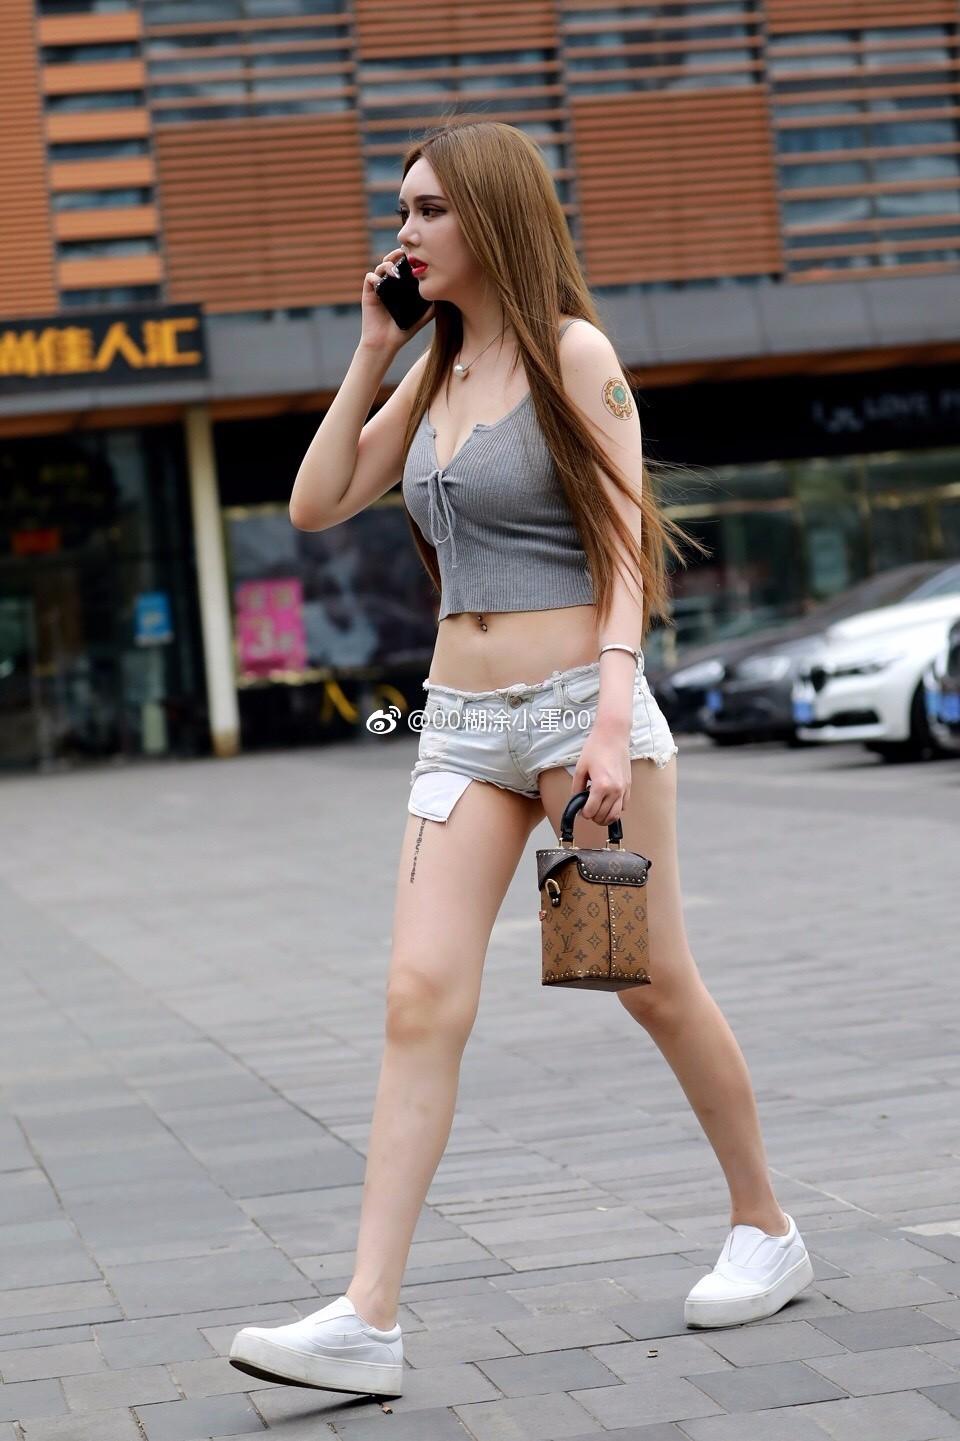 素人街拍:俄罗斯混血儿小姐姐,完美性感翘臀超短裤